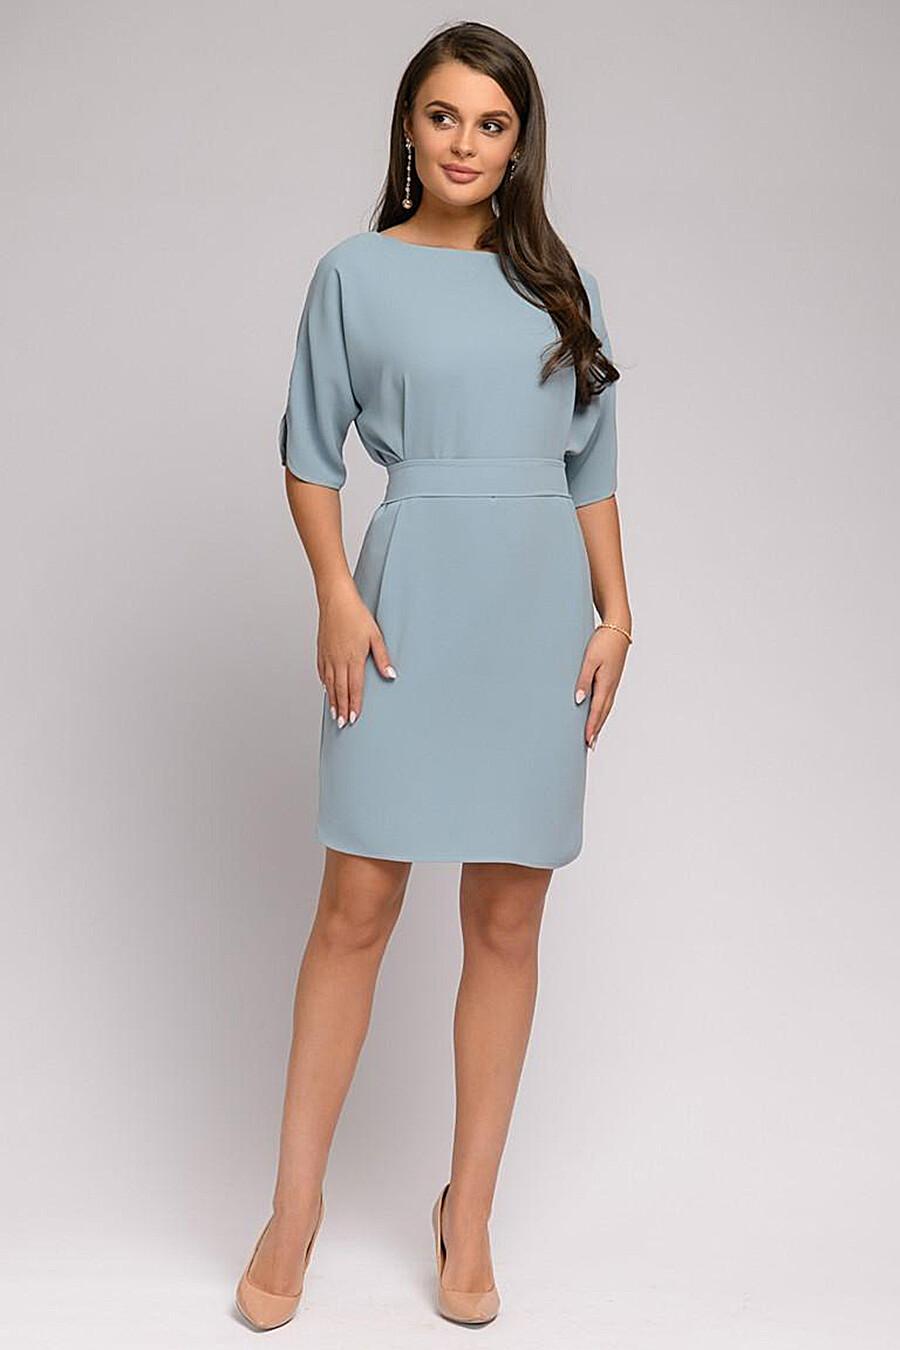 Платье для женщин 1001 DRESS 165881 купить оптом от производителя. Совместная покупка женской одежды в OptMoyo